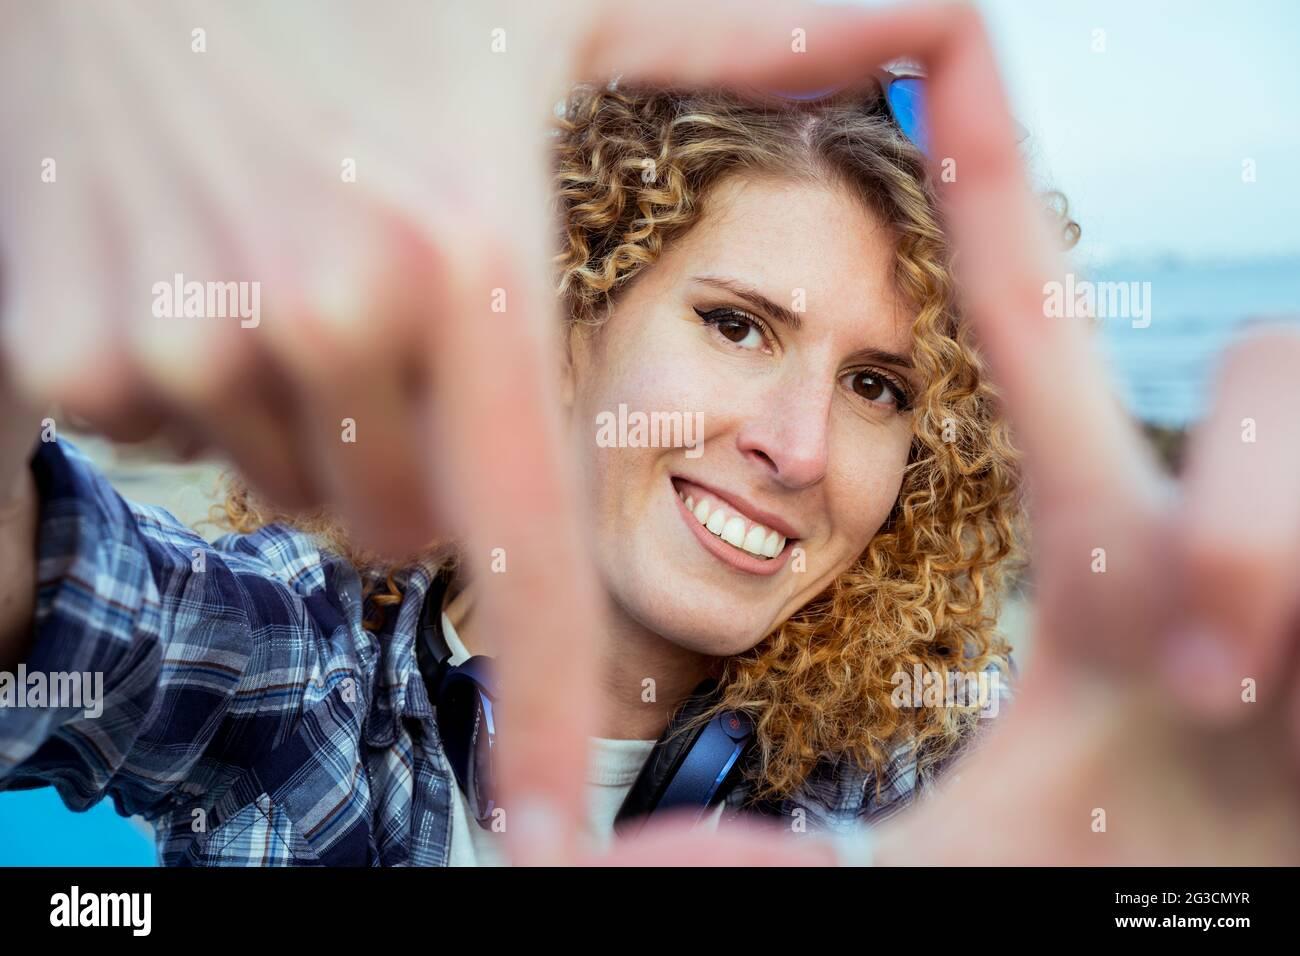 Gros plan portrait d'une jeune heureuse cheveux bouclés femme caucasienne regardant à travers un cadre fait de ses doigts. Capturez le concept du moment. Banque D'Images